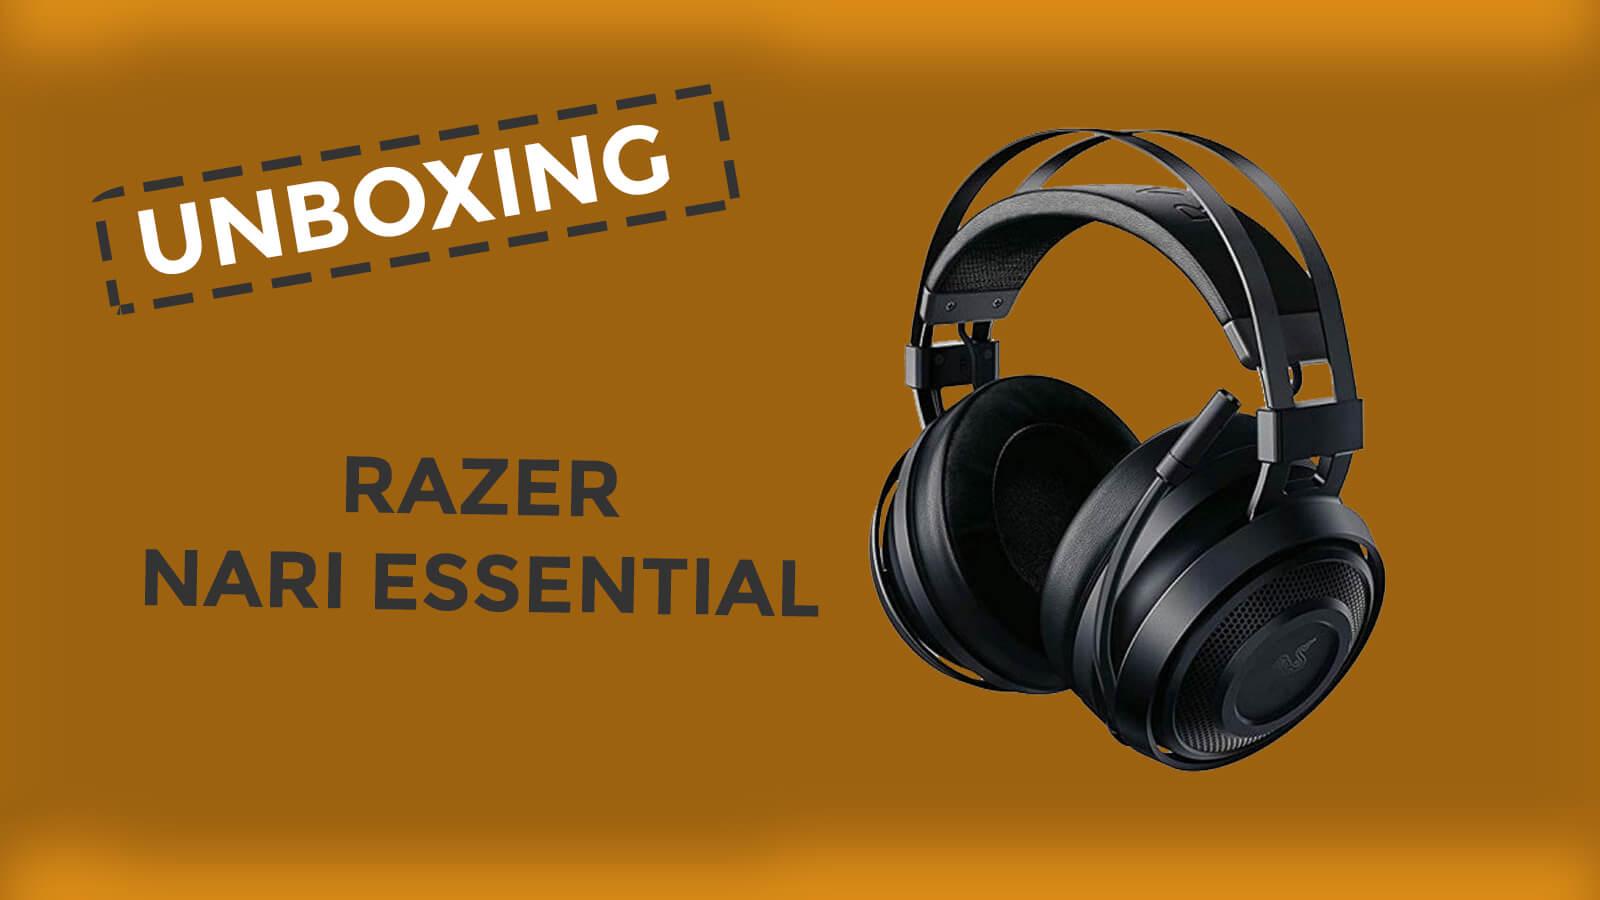 Unboxing Razer Nari Essential